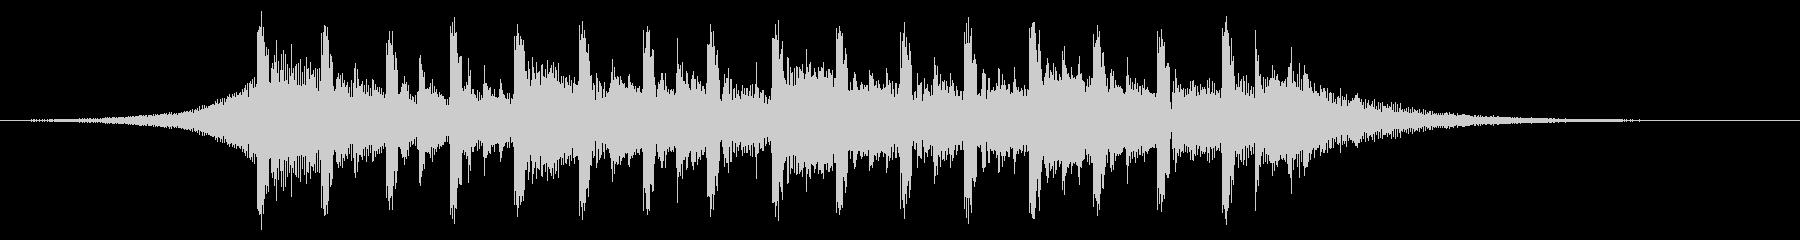 説明者の背景(15秒)の未再生の波形